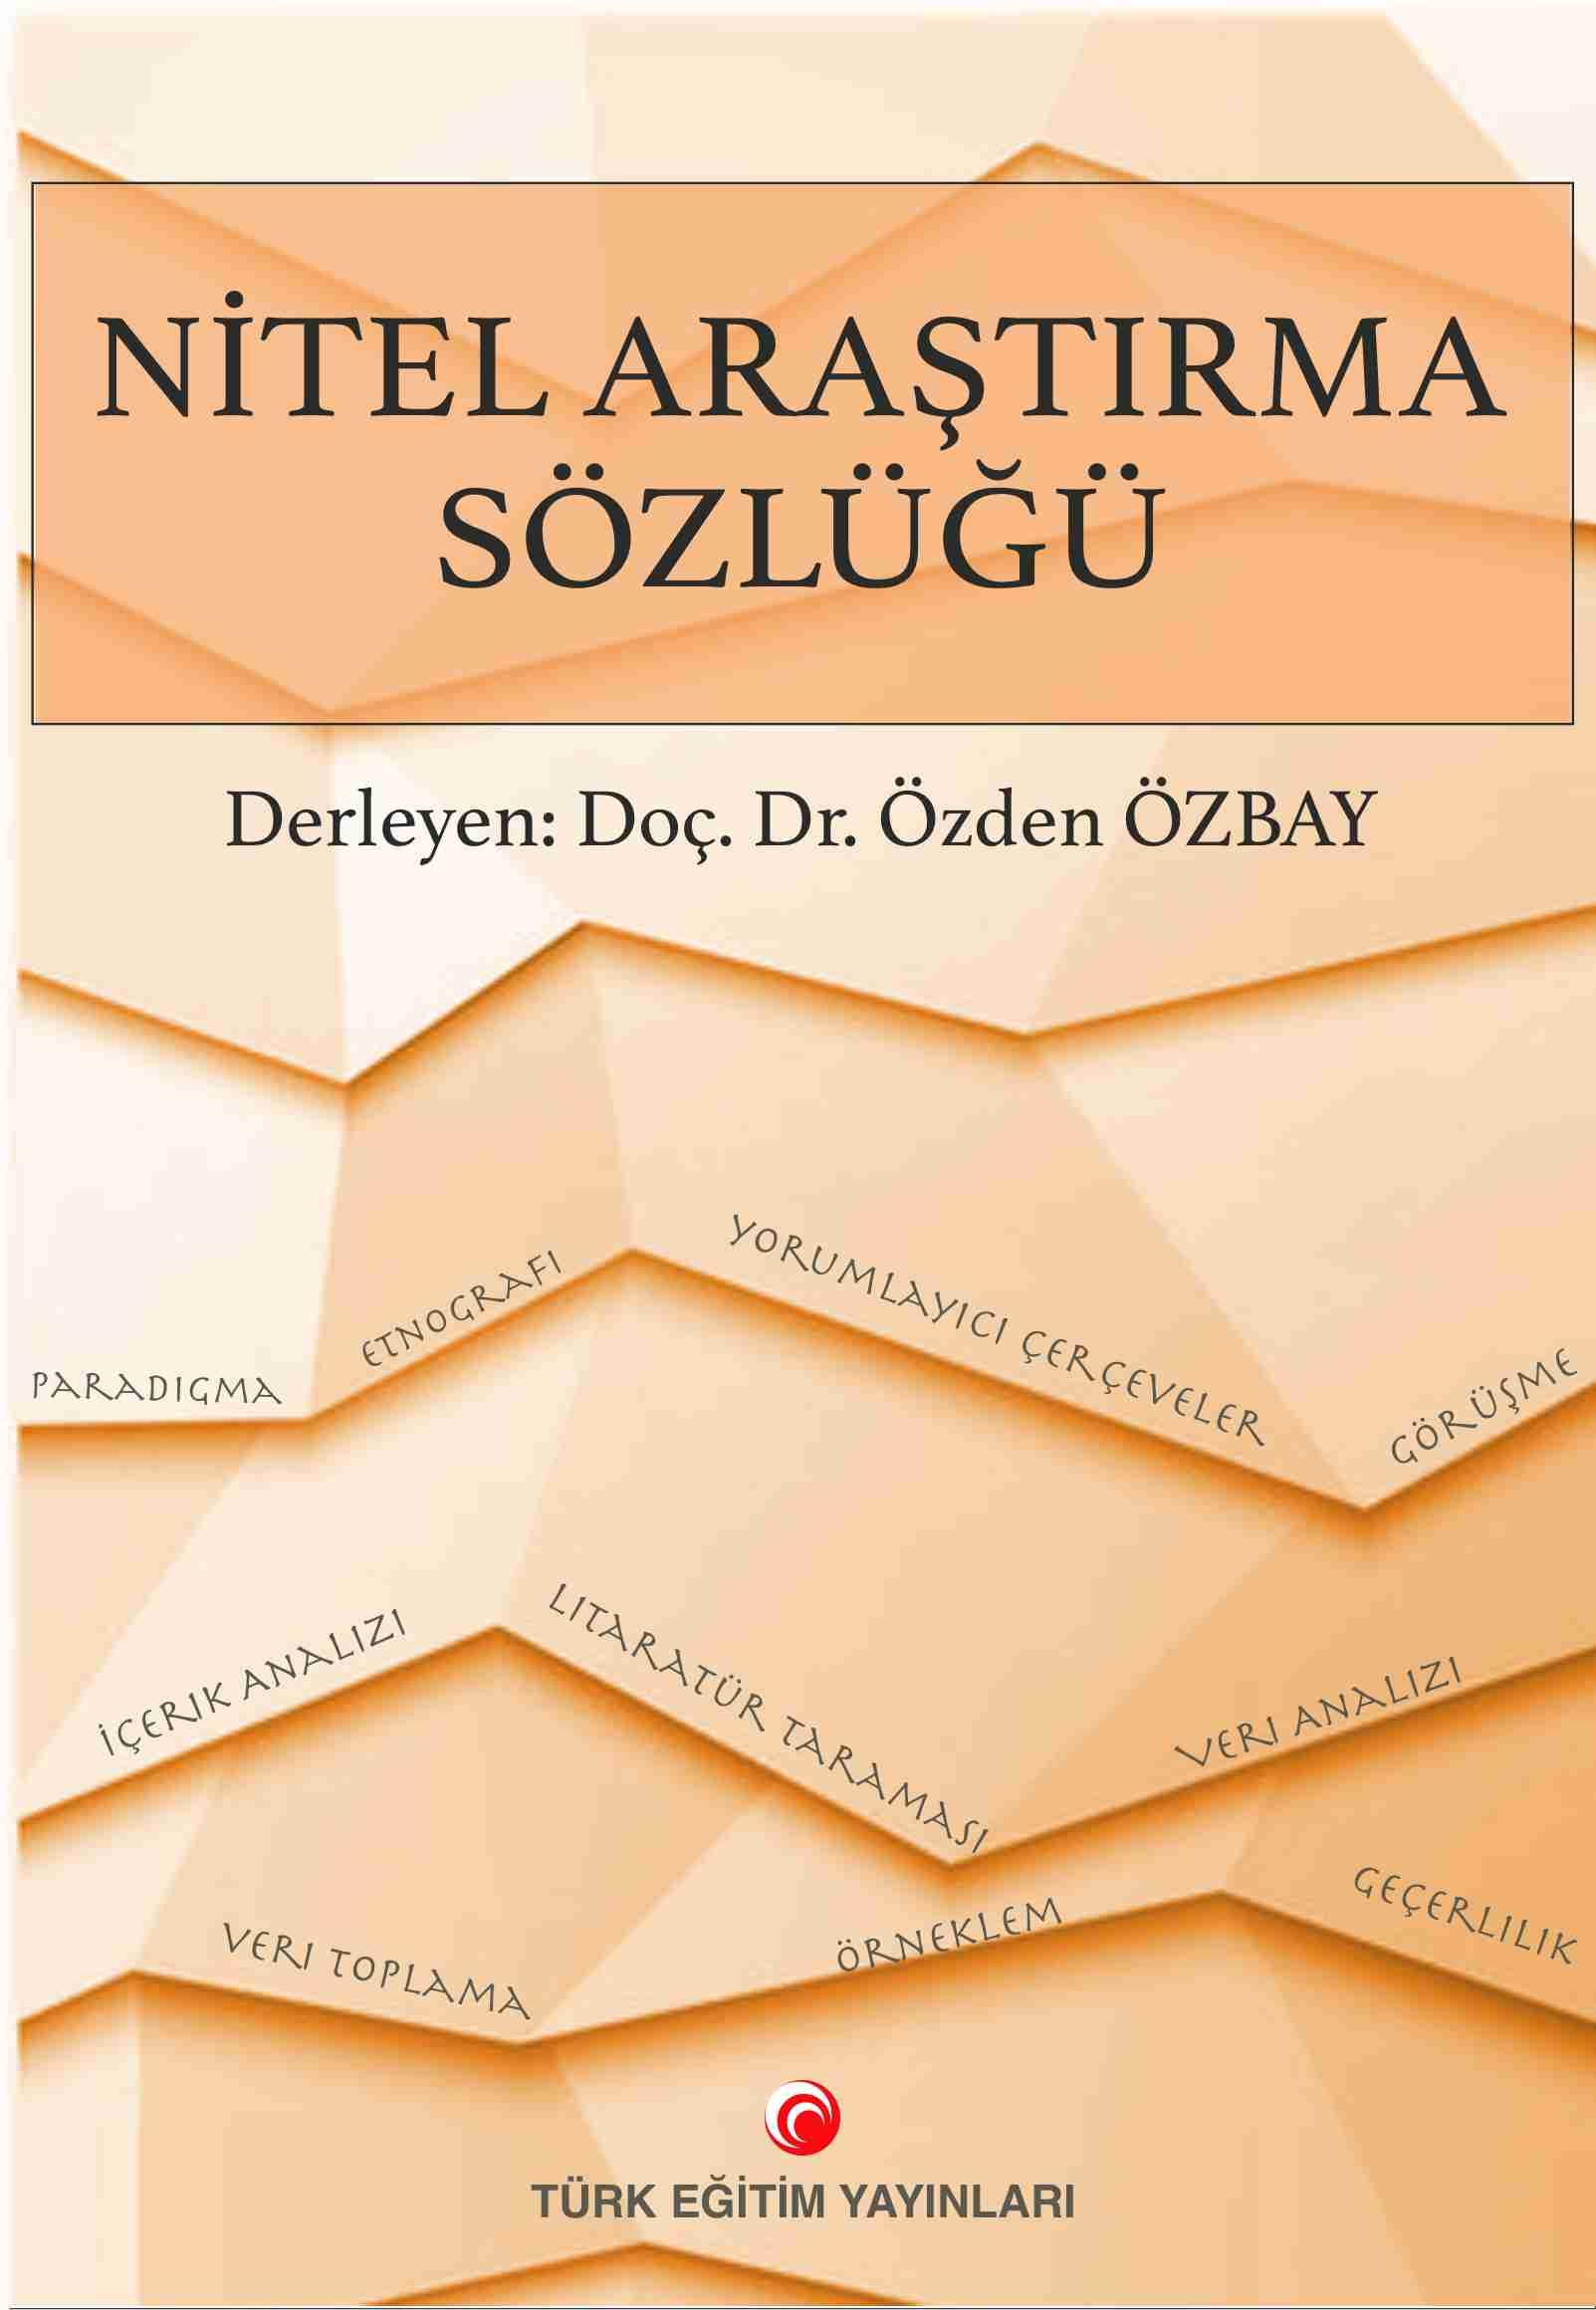 Nitel Araştırma Sözlüğü